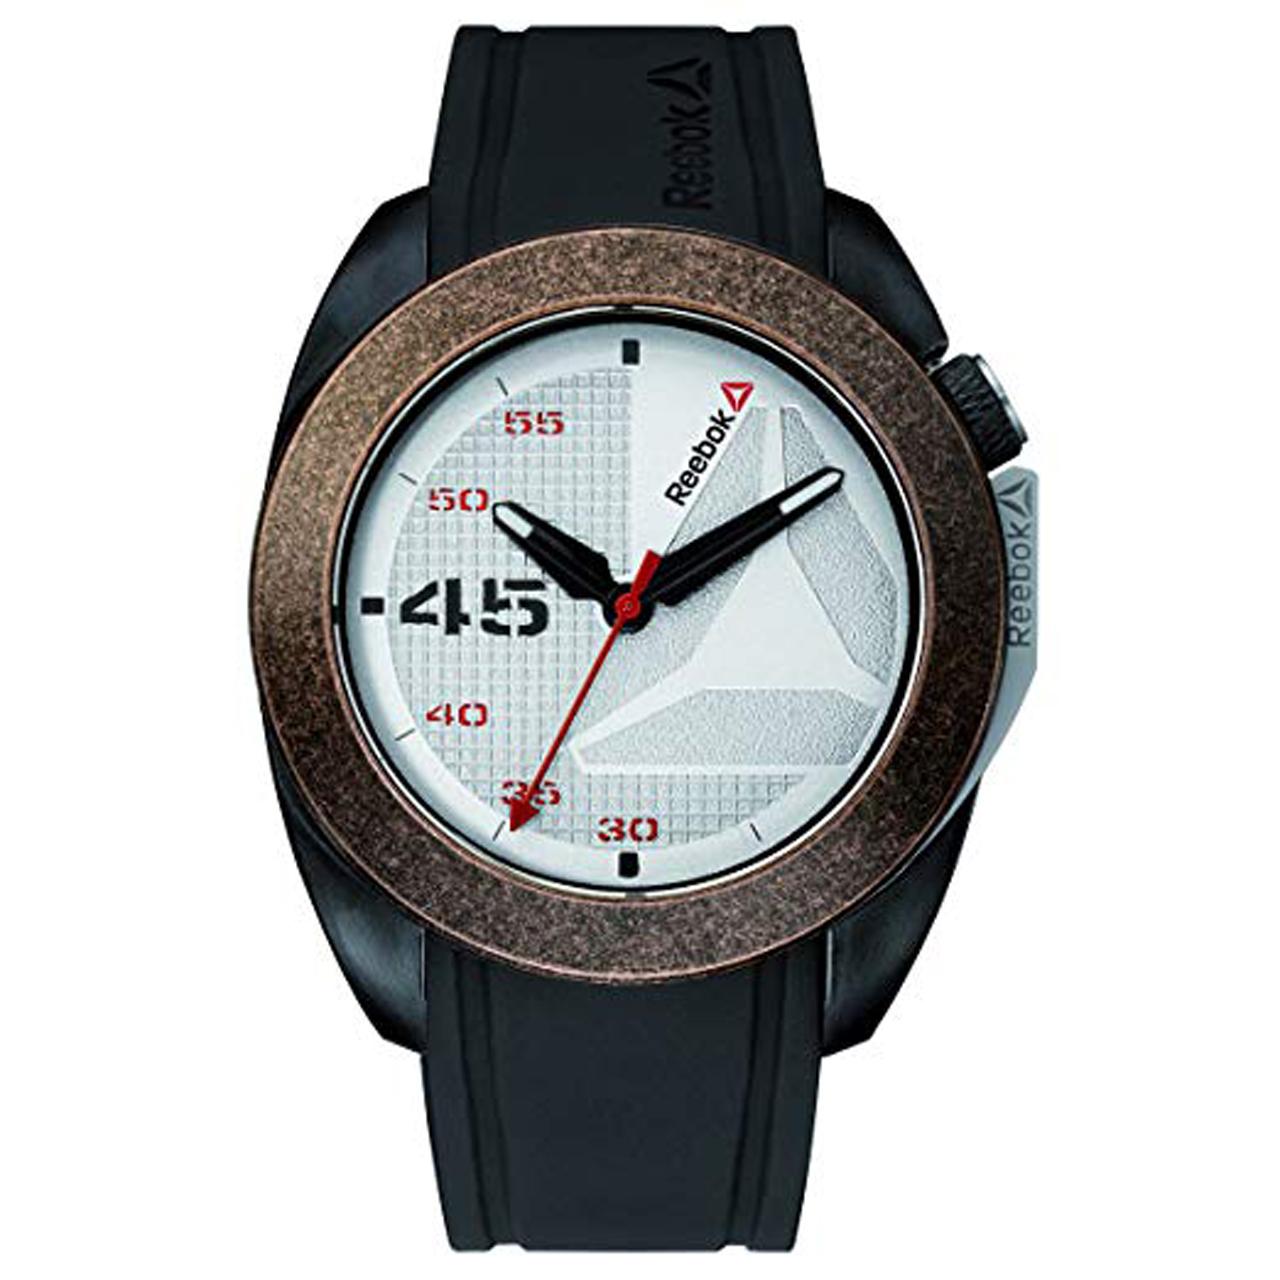 ساعت مچی عقربه ای مردانه ریباک مدل RD-SKO-G2-PBIB-1R 11